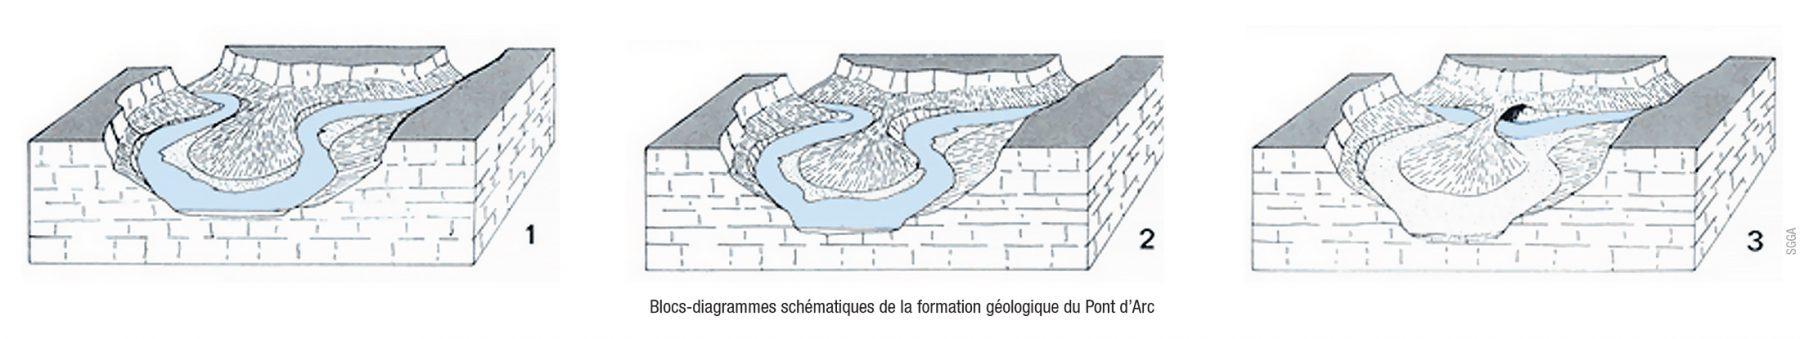 formation-geologique-pont-arc-ardeche.jpg